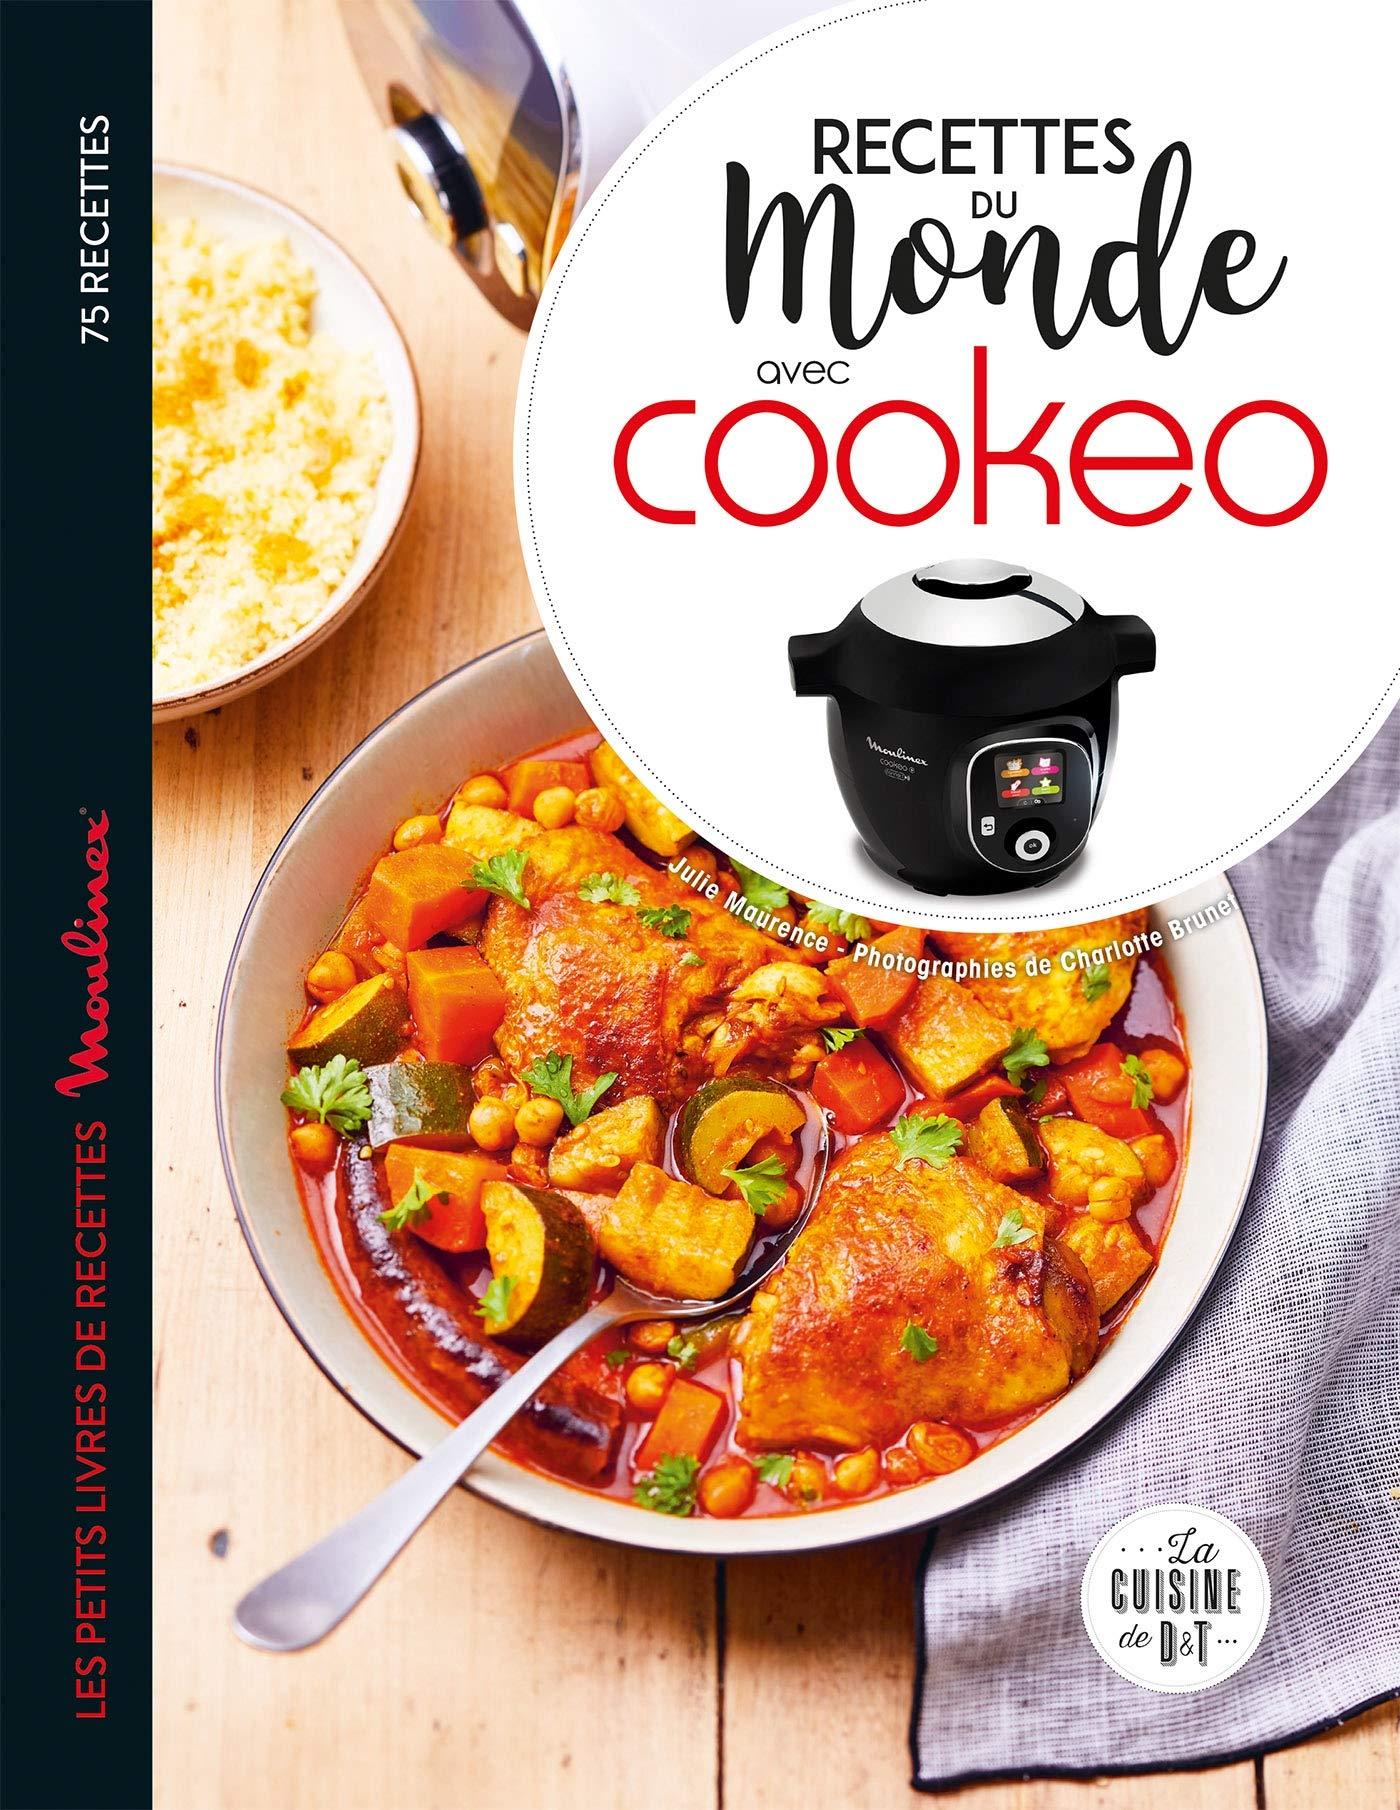 Amazon.fr   Recettes du monde avec Cookeo   Maurence, Julie ...